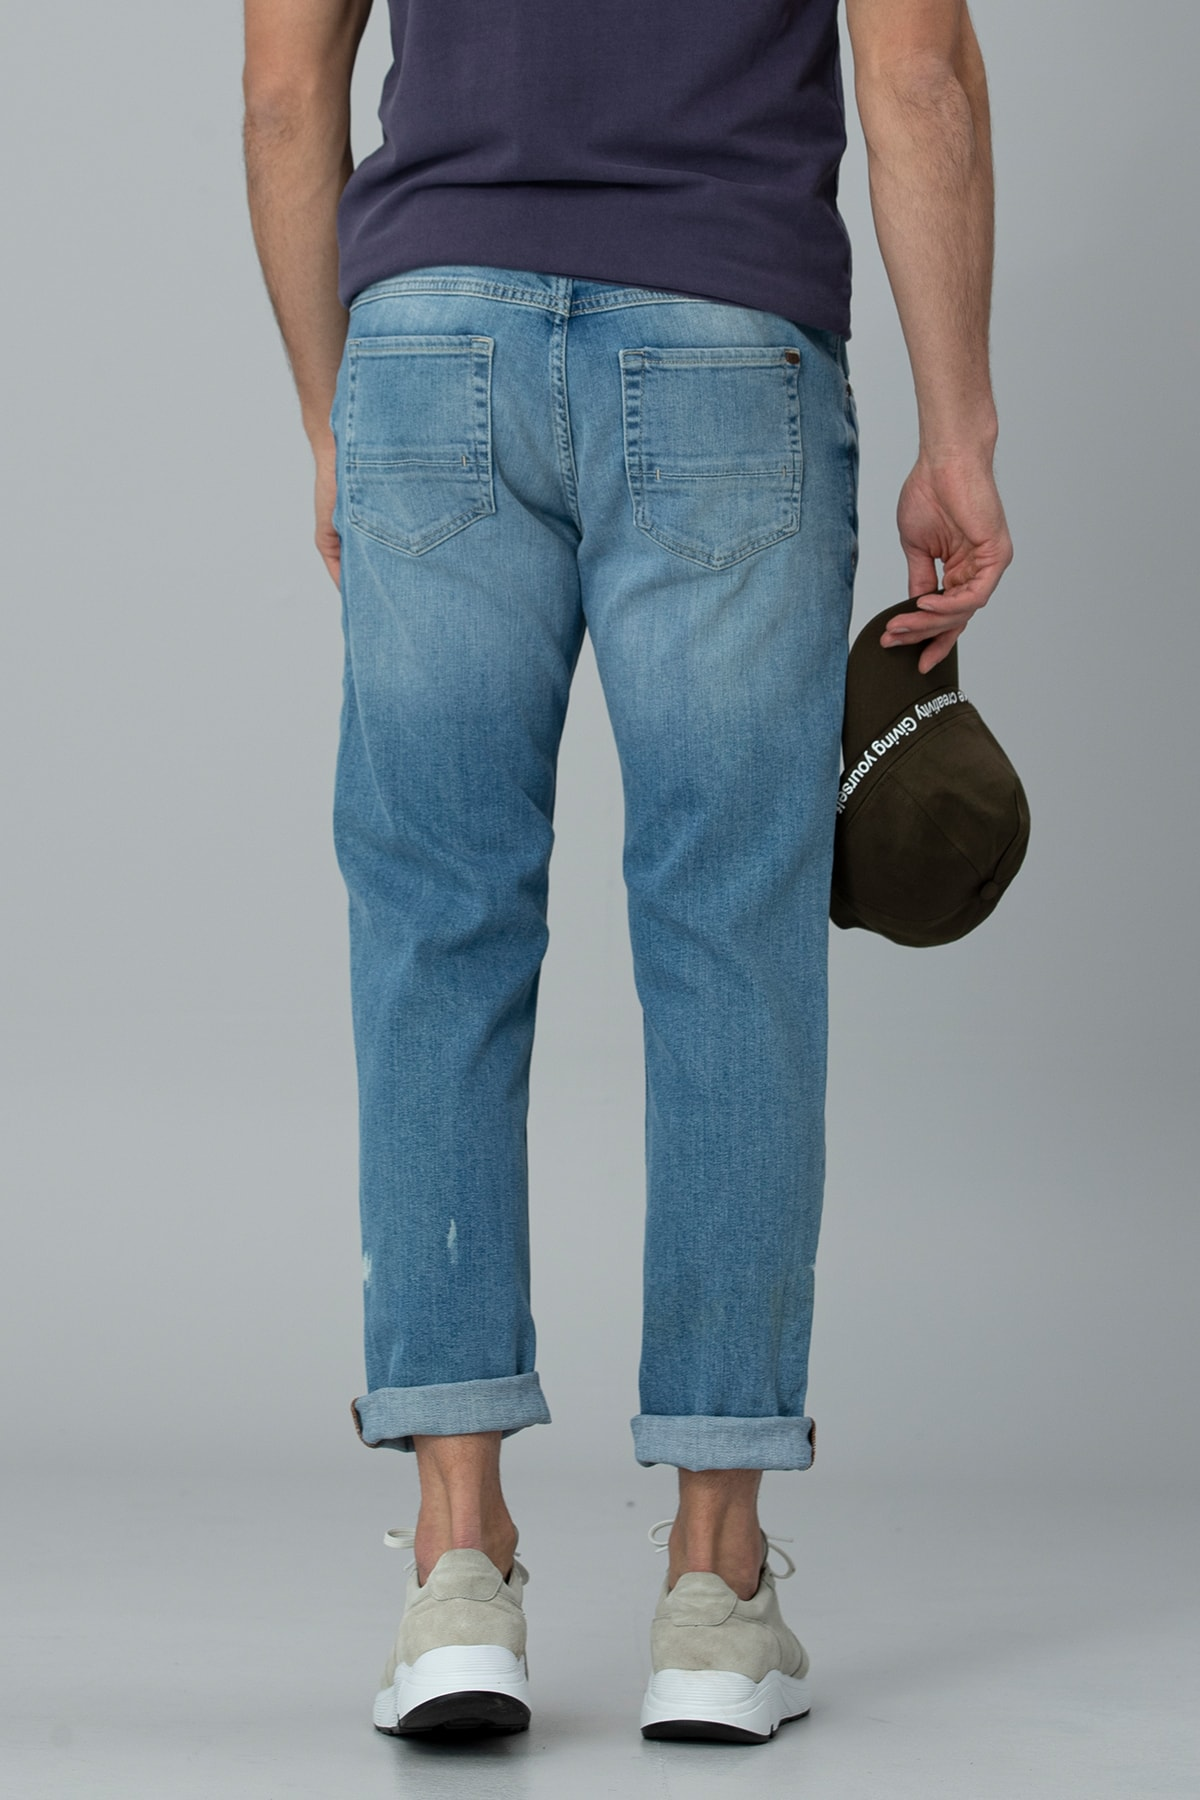 Lufian Ege Smart Jean Pantolon Regular Fit Gök Mavi 4